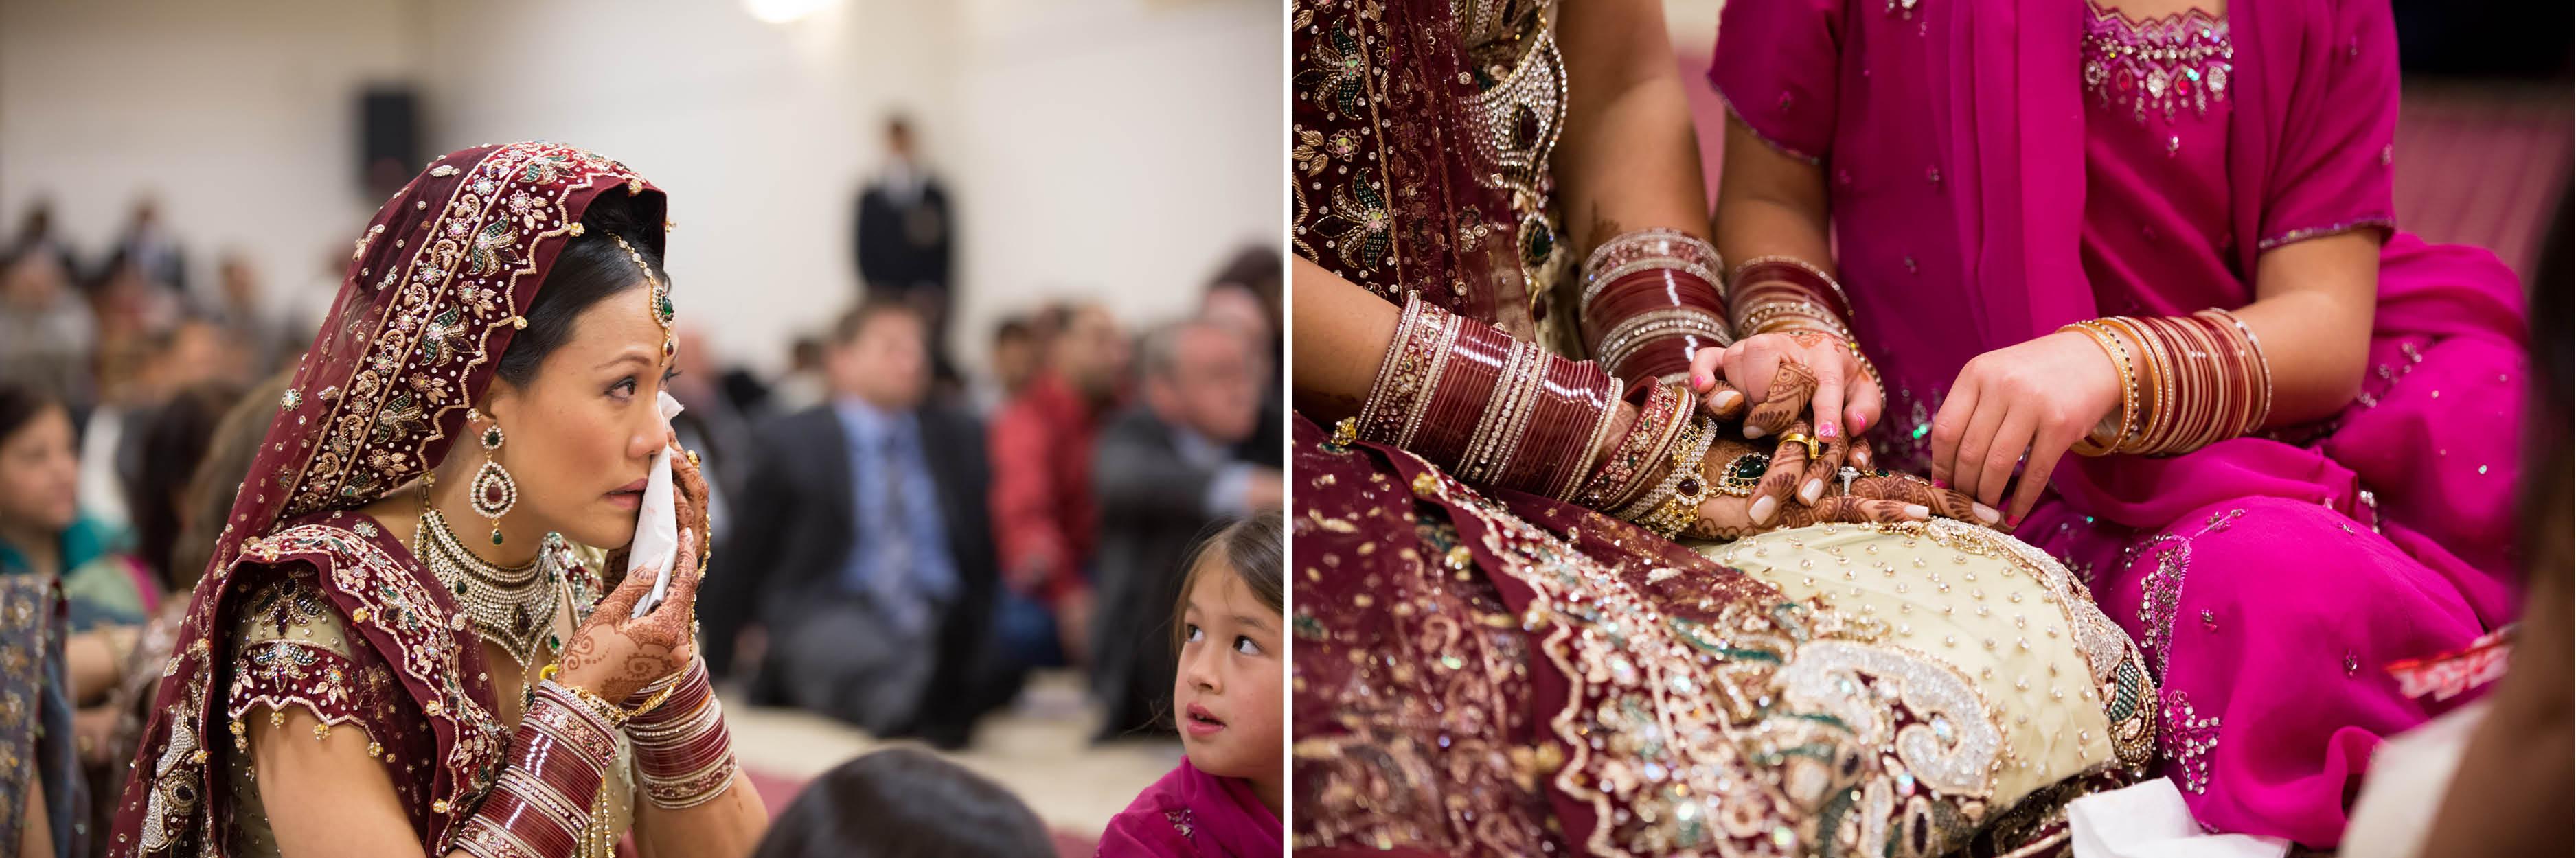 Indian Wedding11